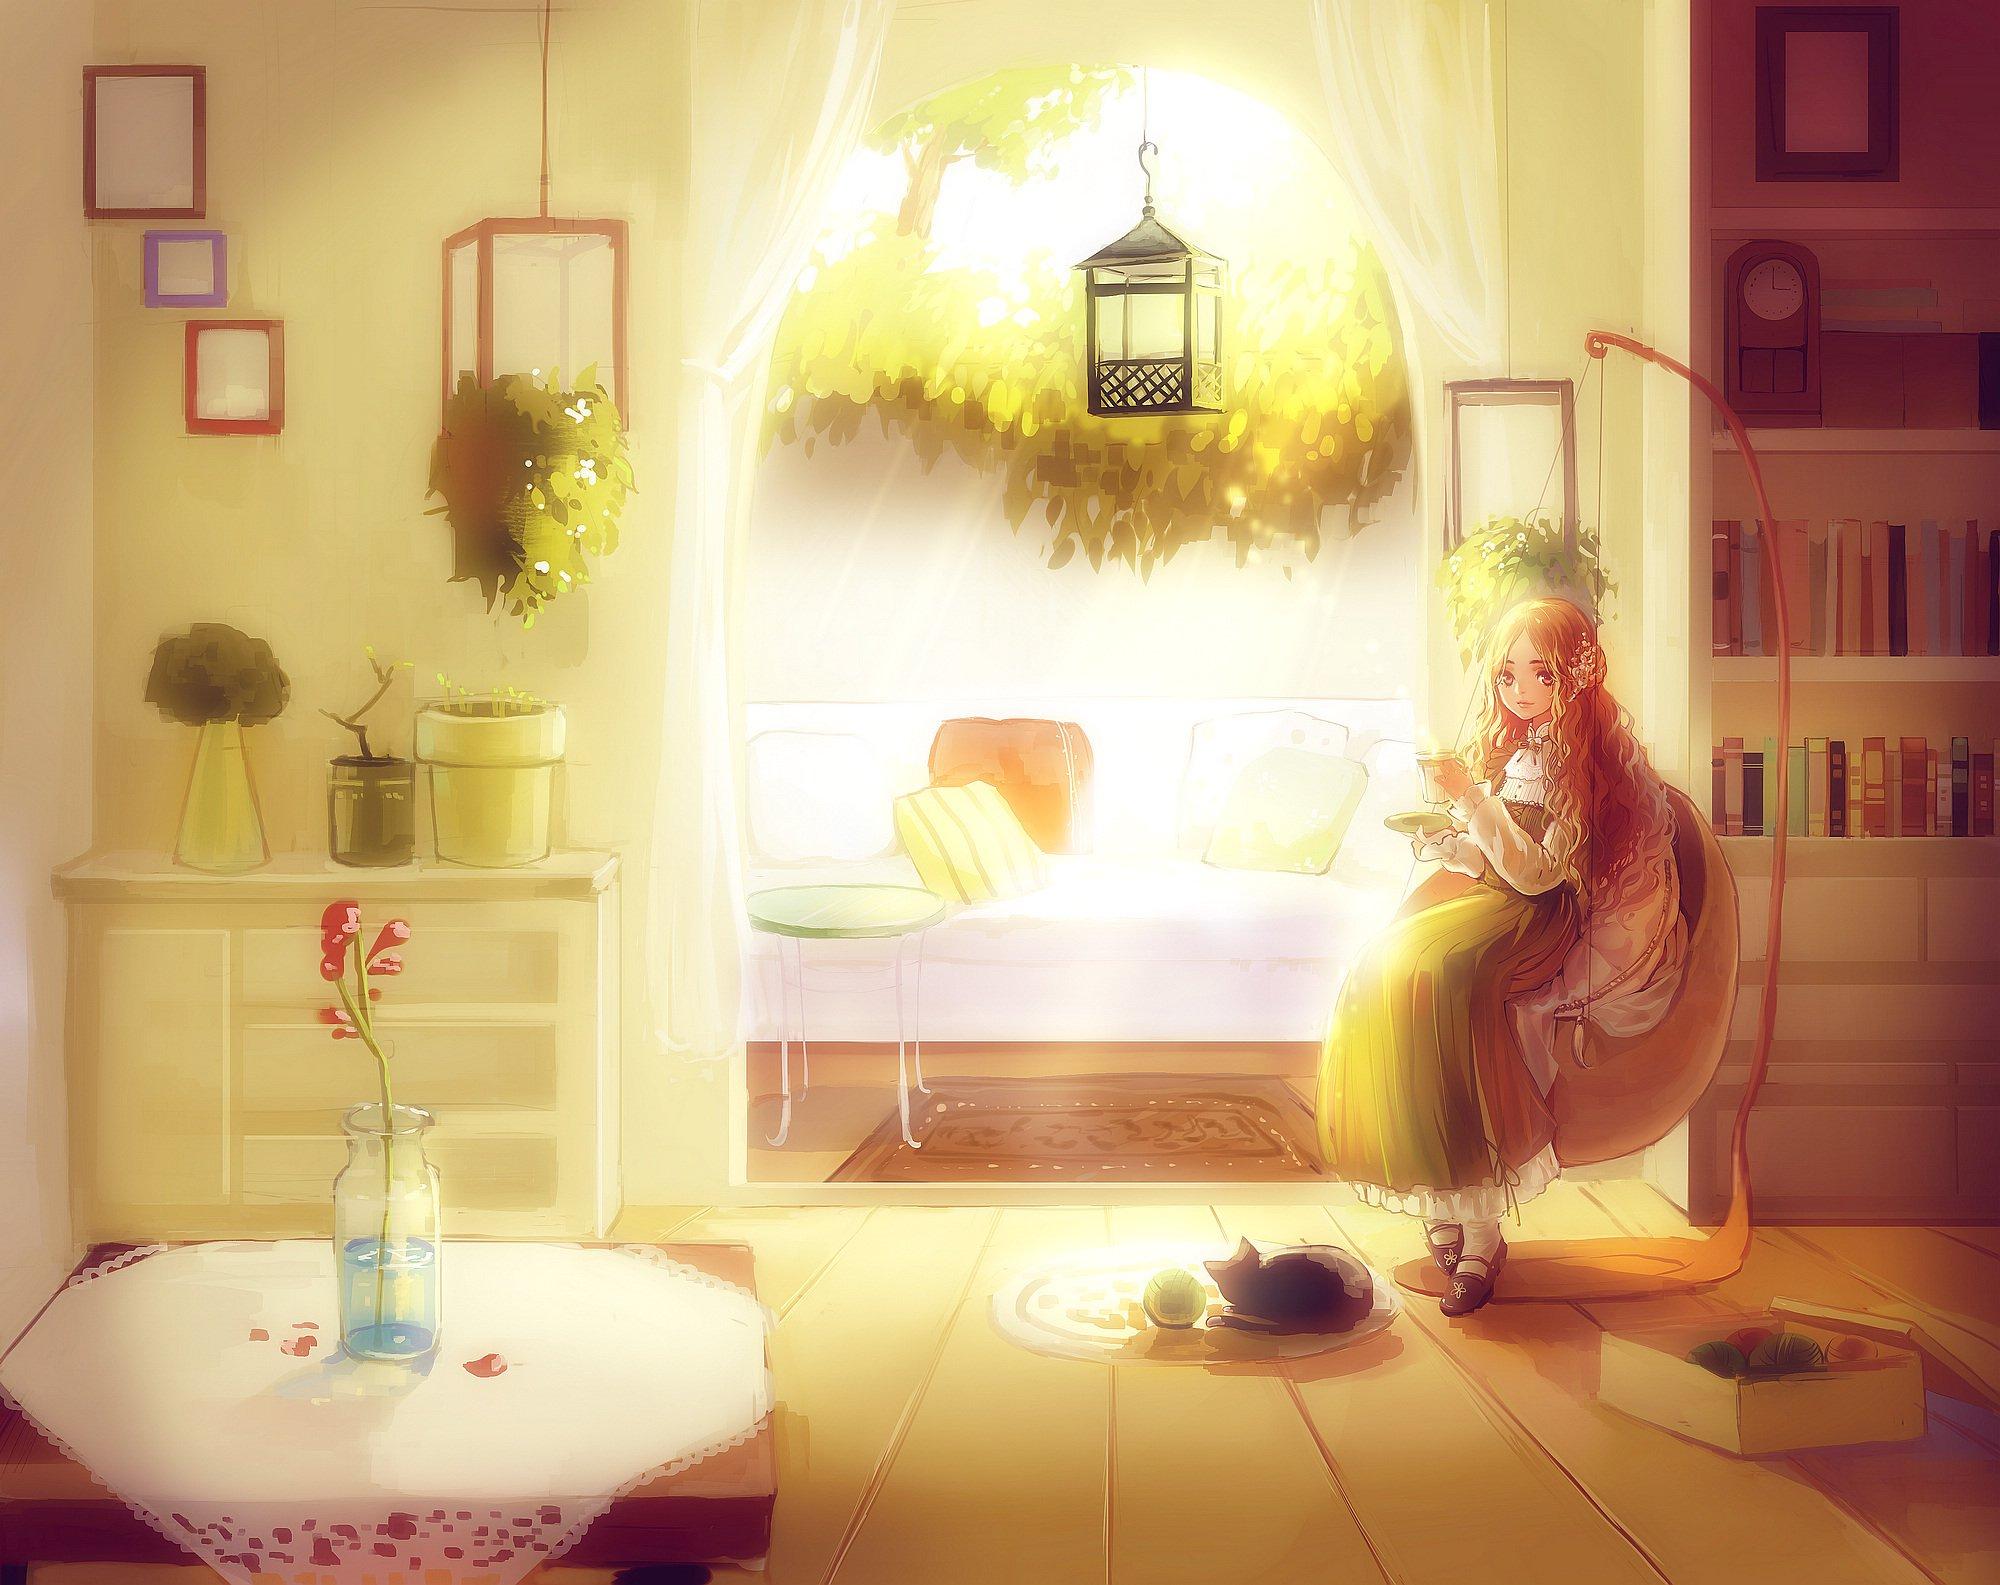 Картинка комнаты с человеком и солнцем